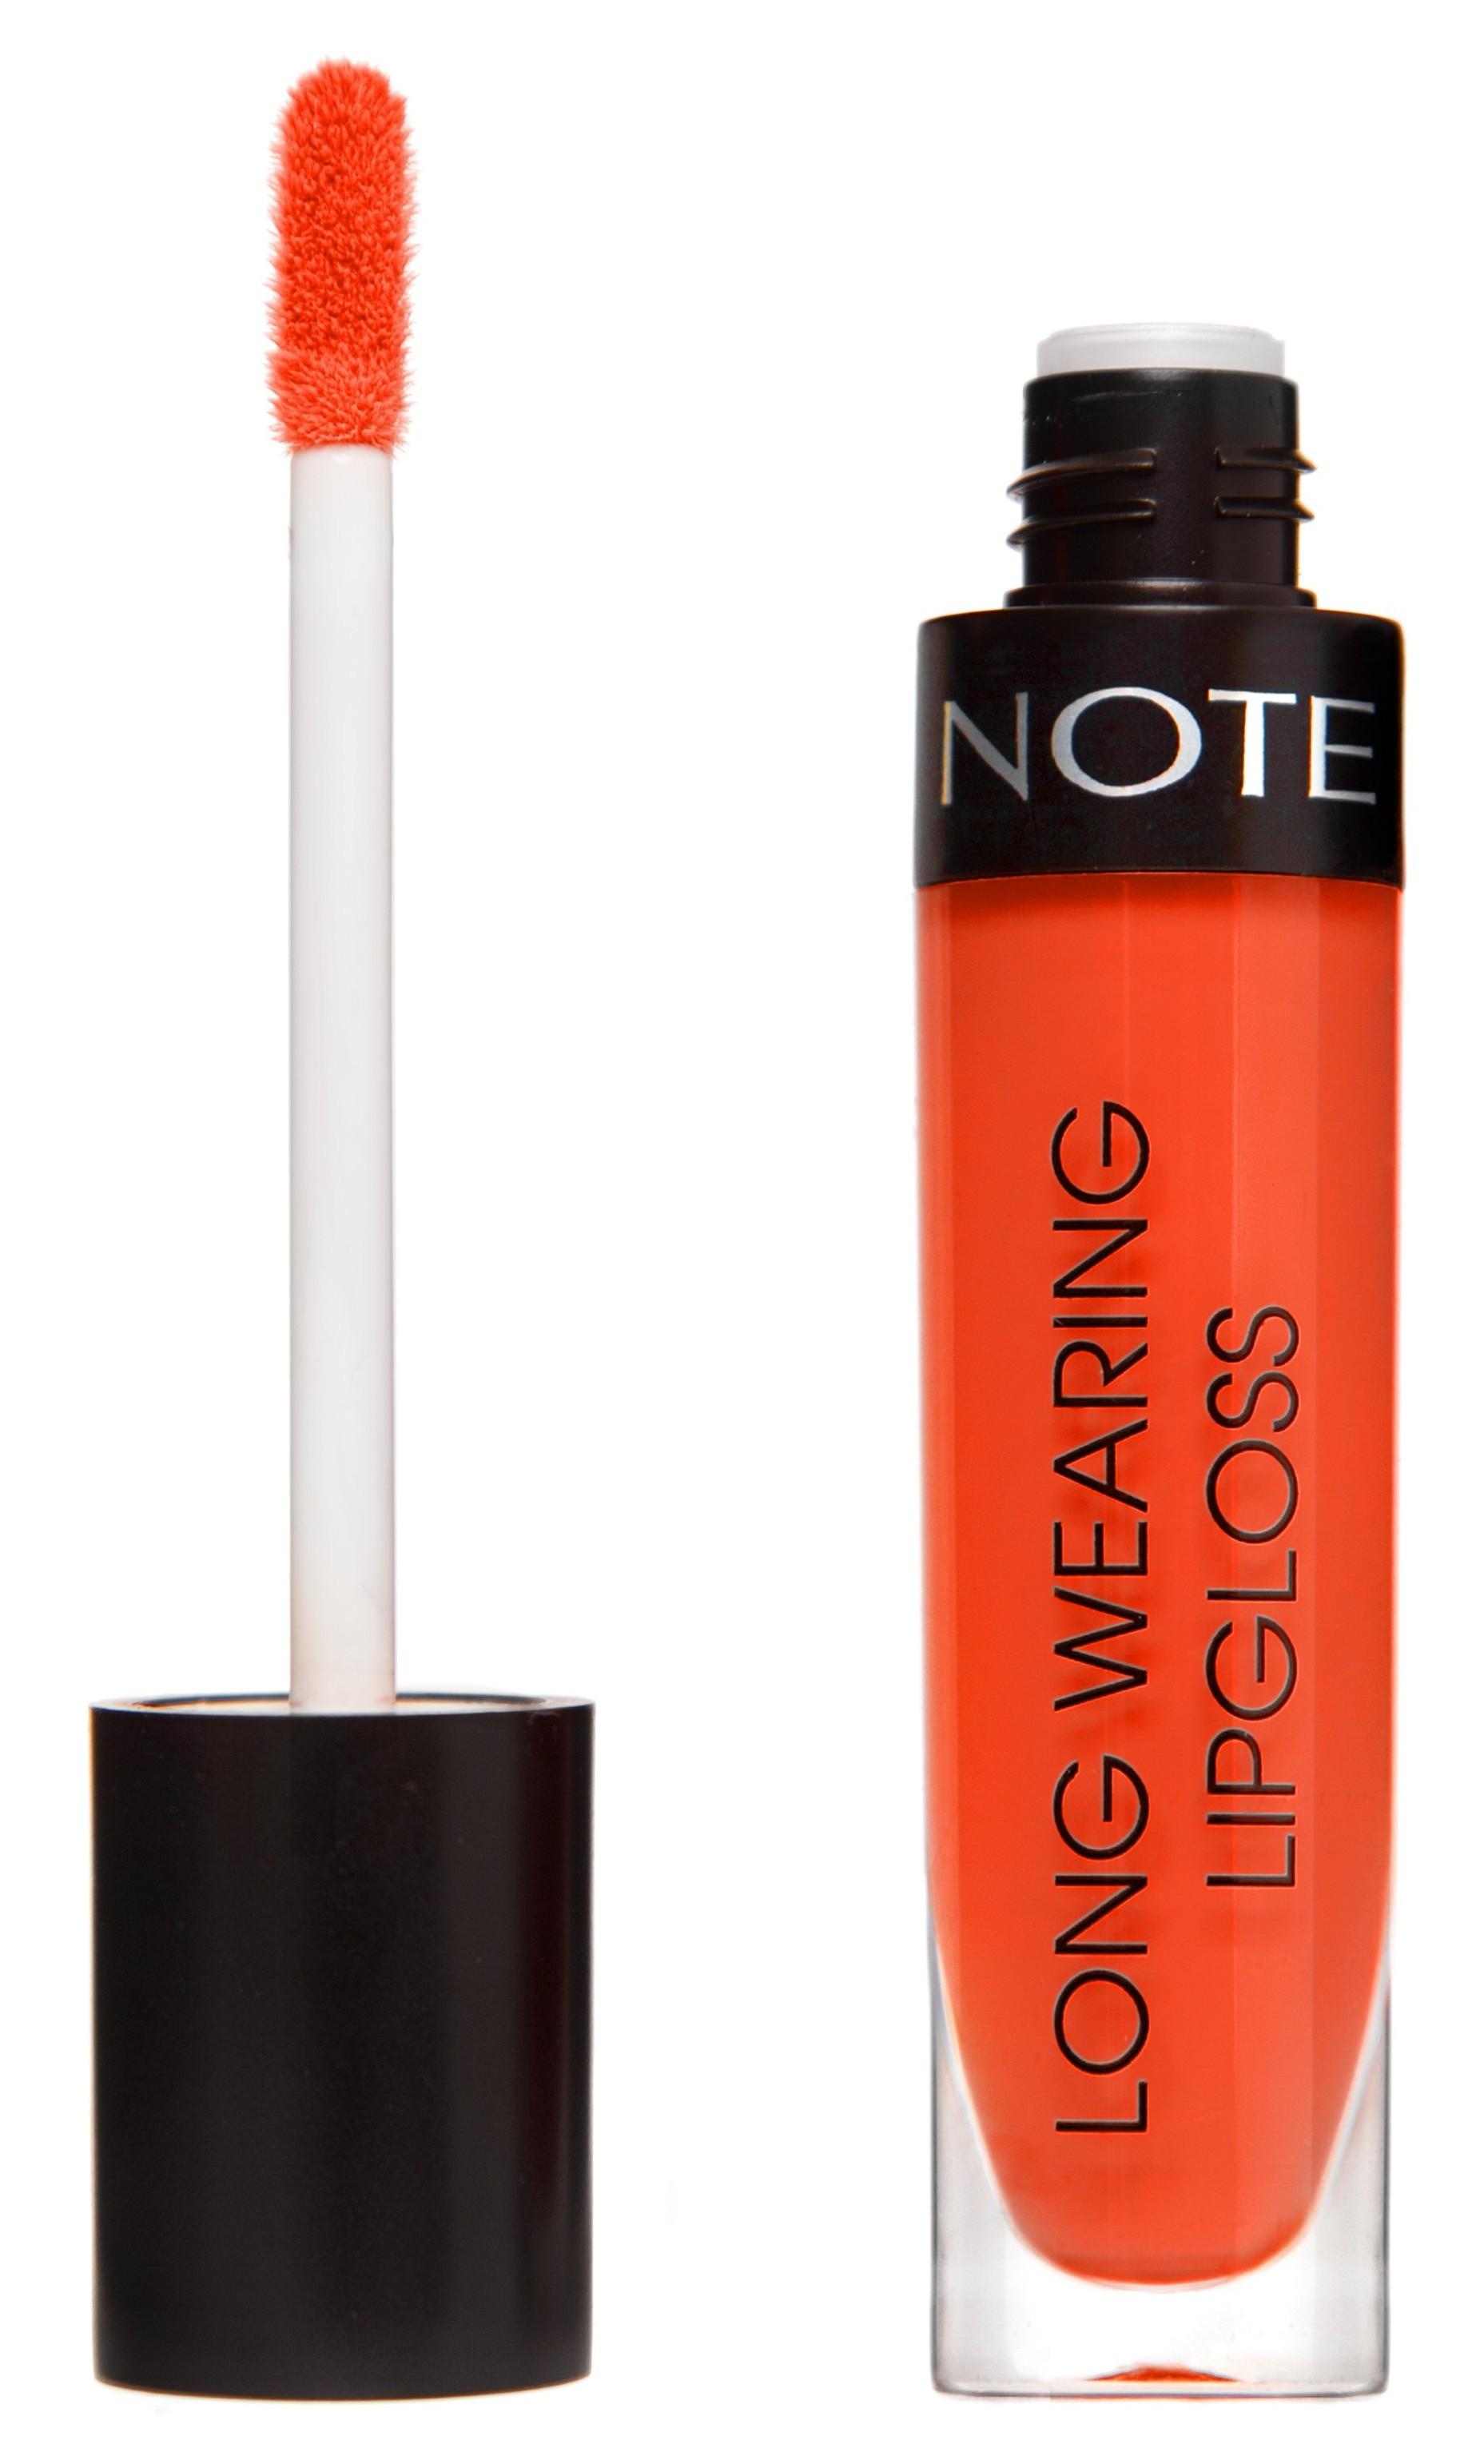 Купить NOTE Cosmetics Блеск стойкий для губ 11 / LONG WEARING LIPGLOSS 6 мл